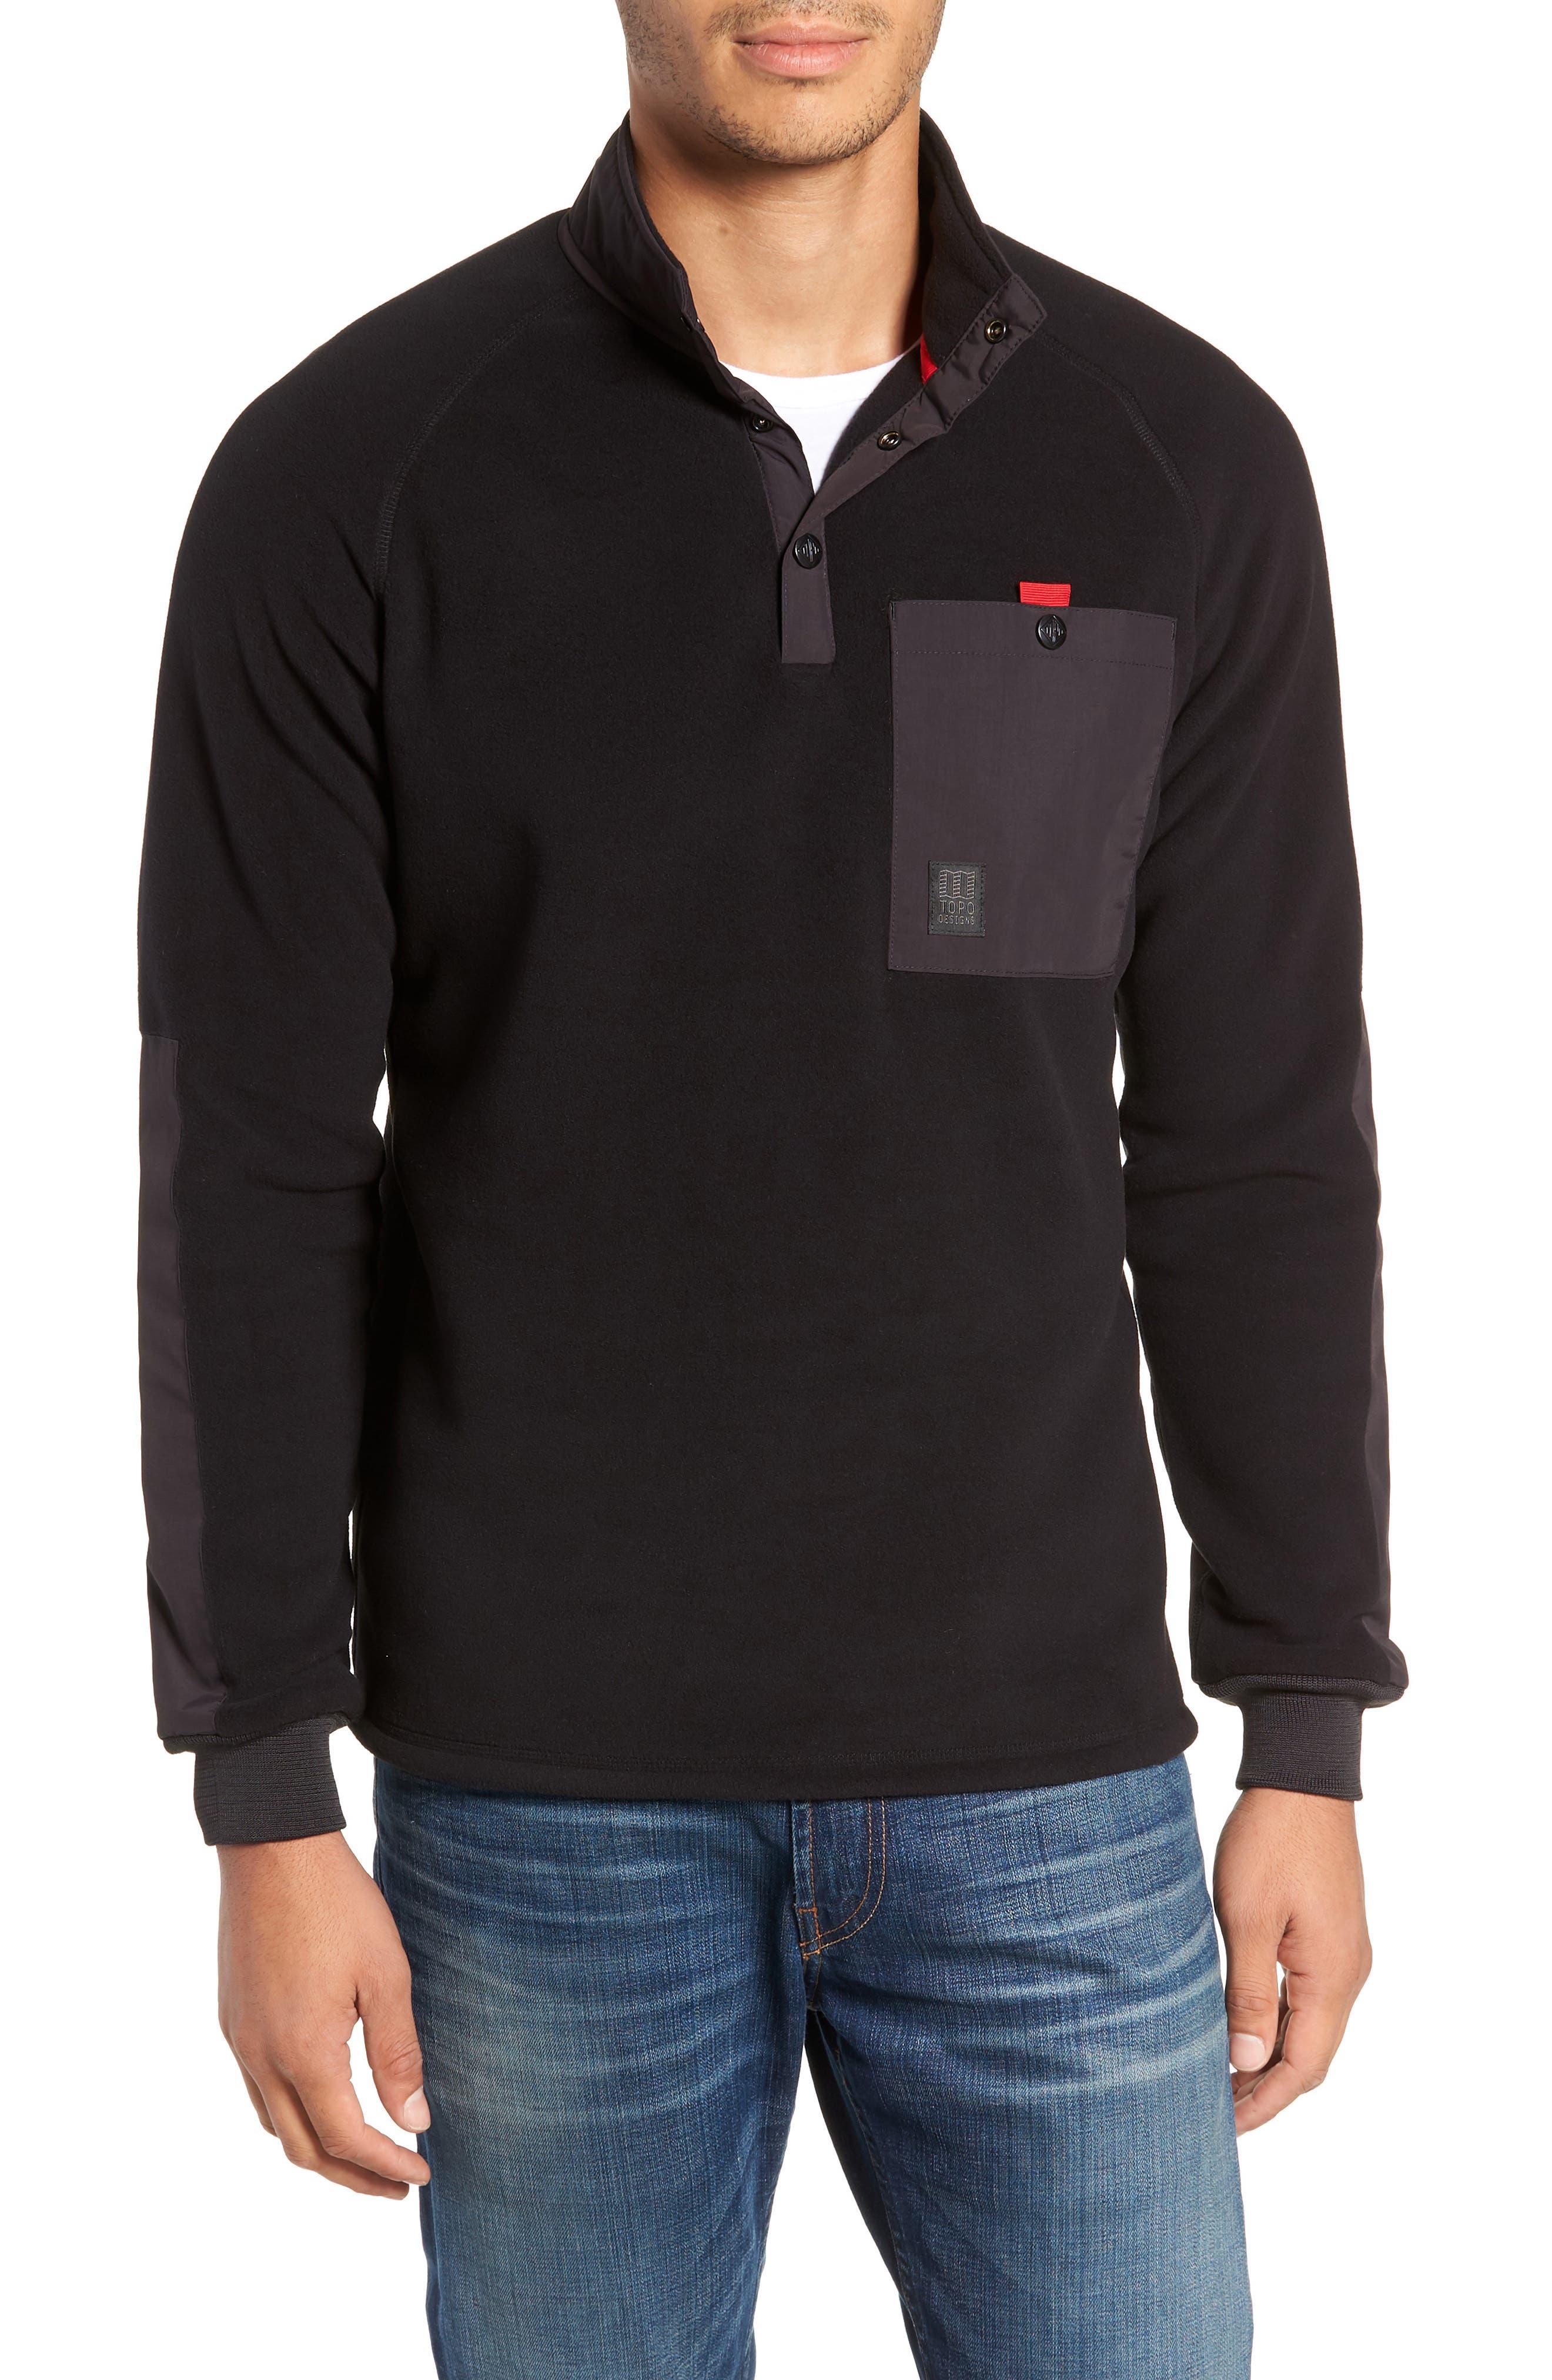 Mountain Fleece Pullover,                         Main,                         color, BLACK